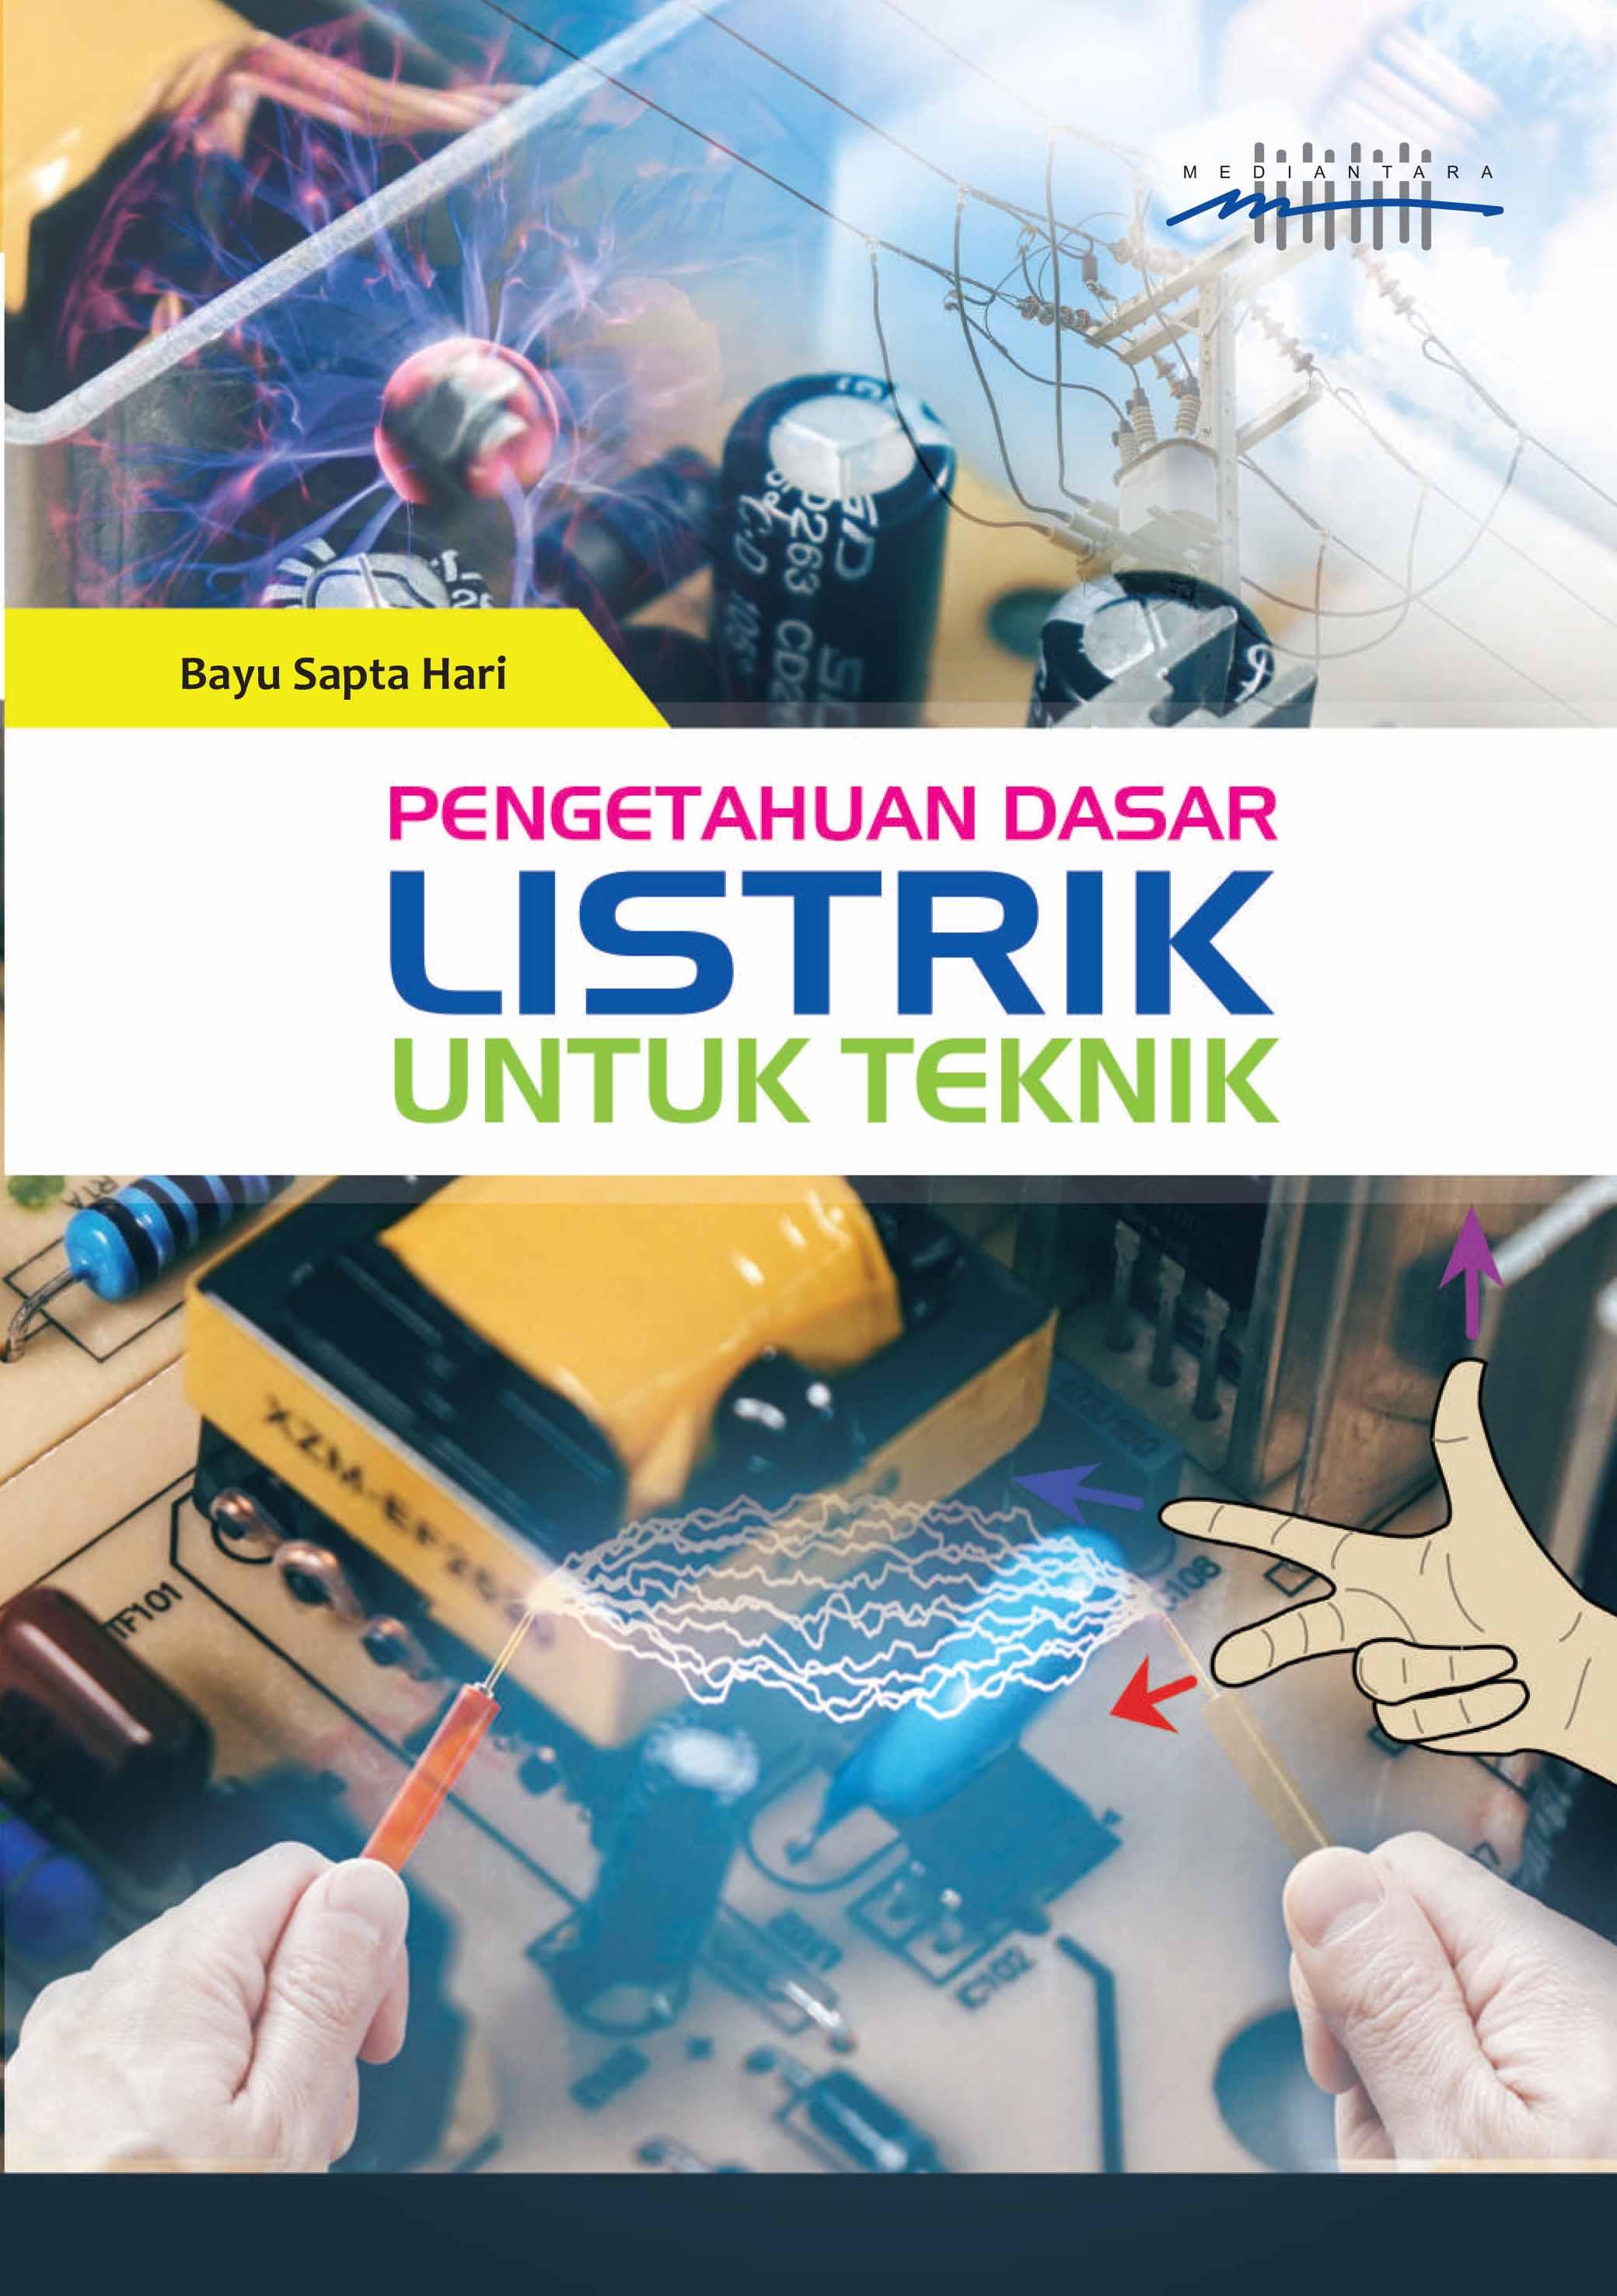 Pengetahuan dasar listrik untuk teknik [sumber elektronis]